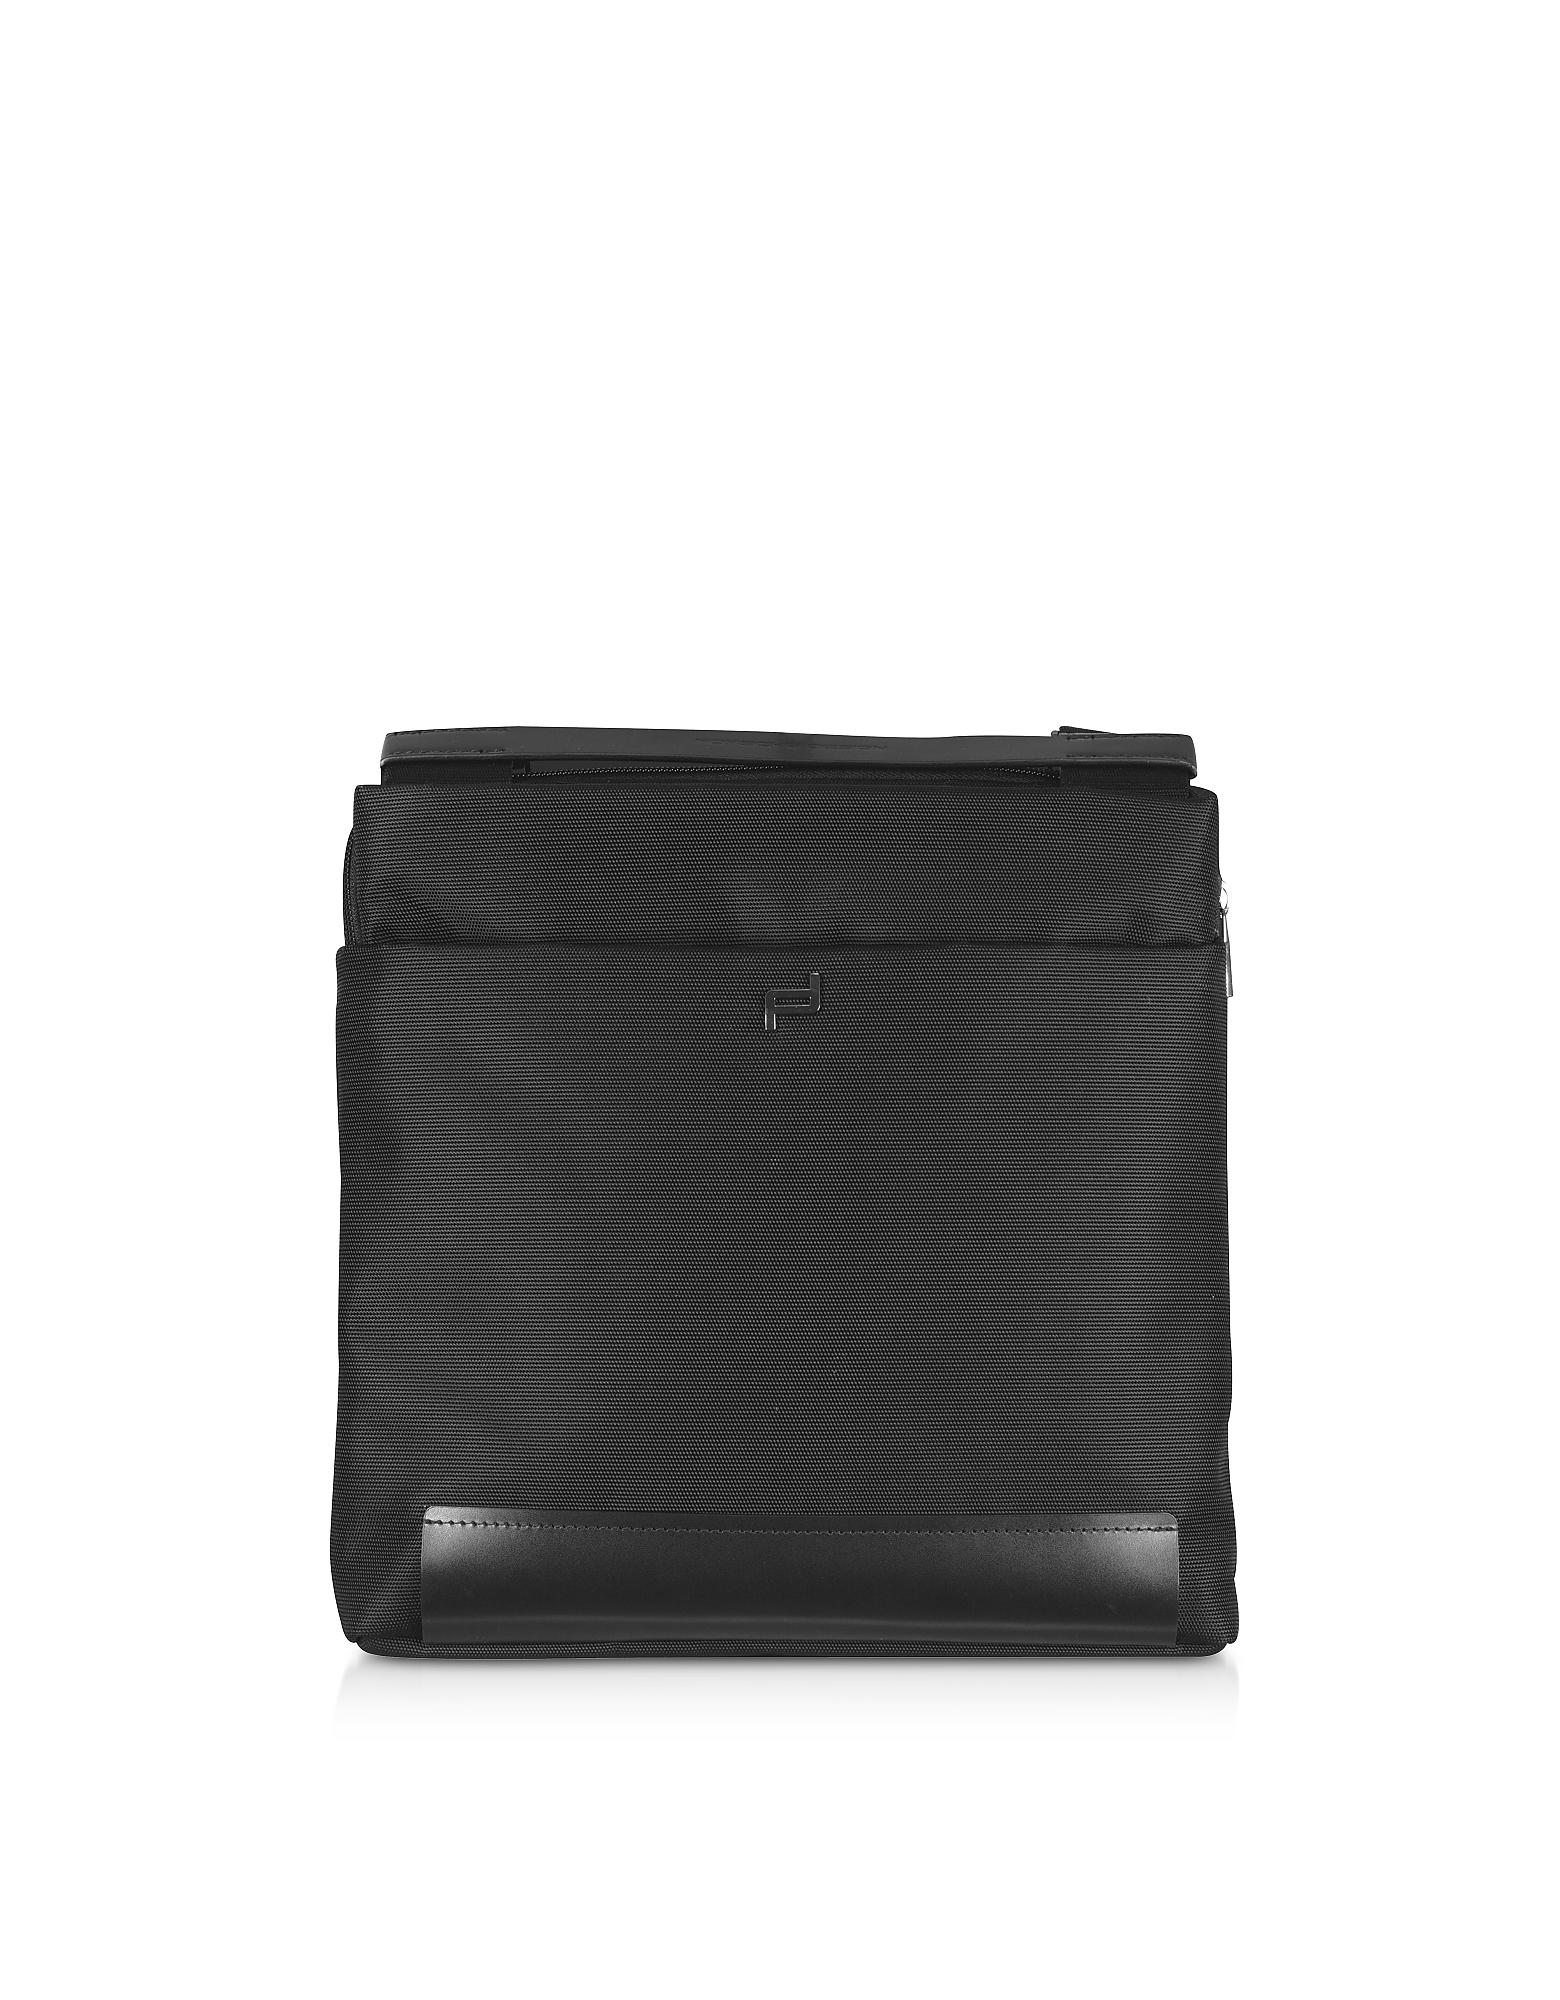 Shyrt 2.0 Nylon XSVZ Shoulder Bag, Black